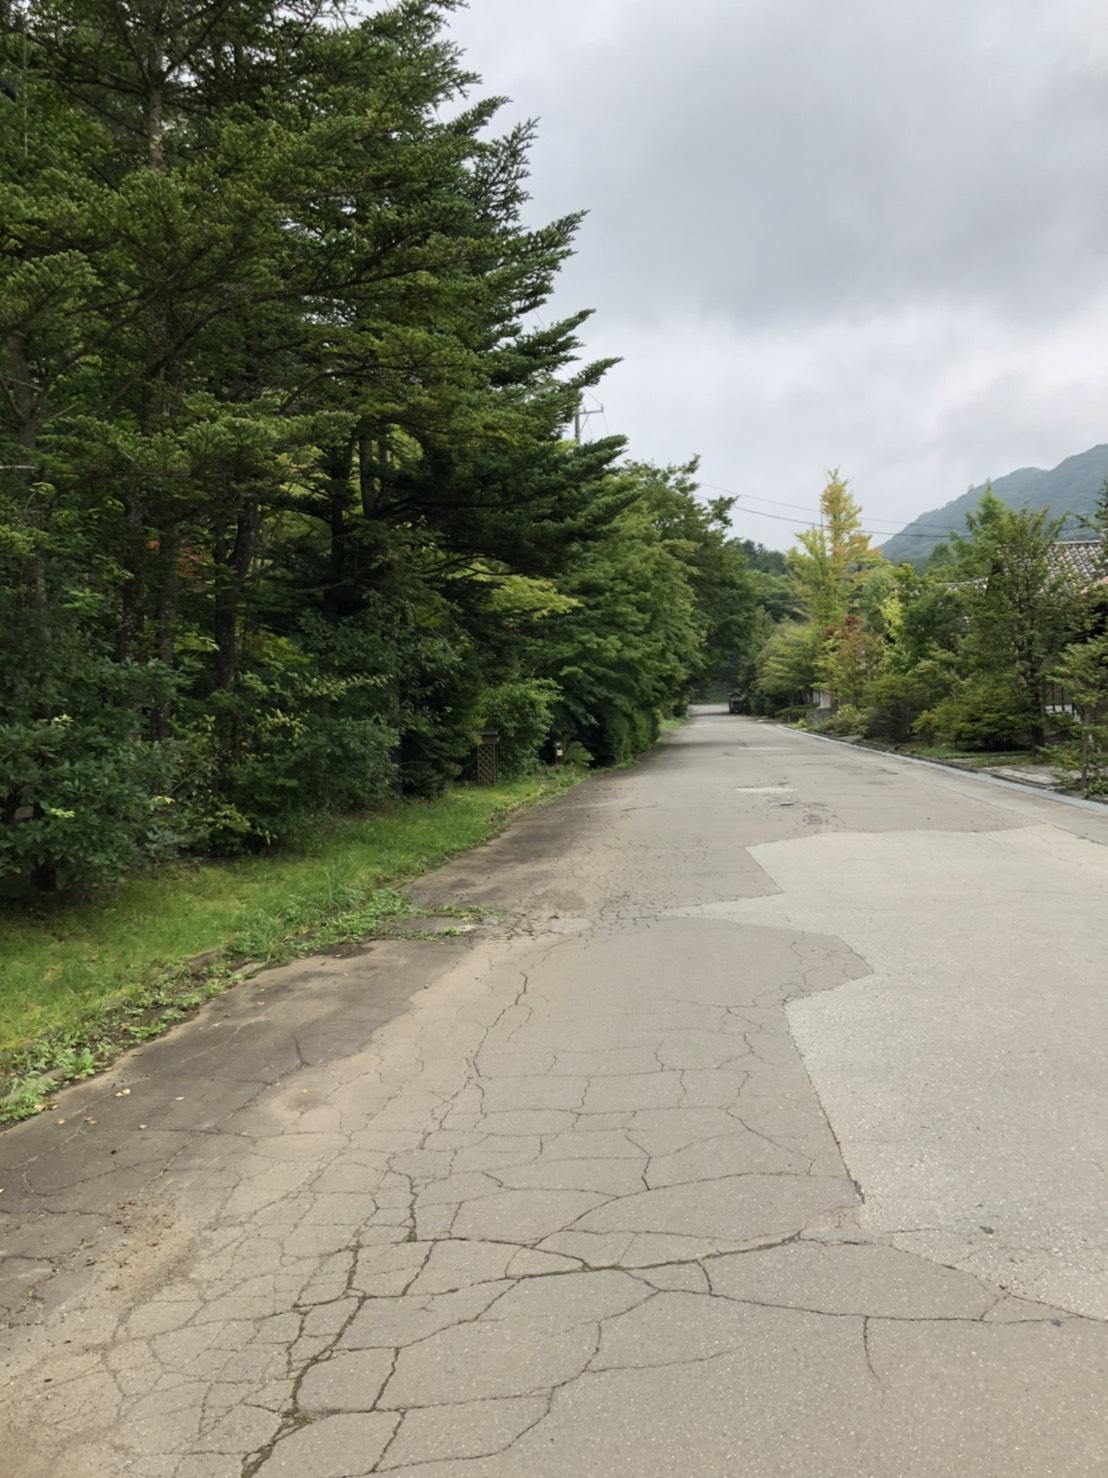 【南軽井沢_土地】ヨーロッパの片田舎の雰囲気が漂うレマン湖至近の土地